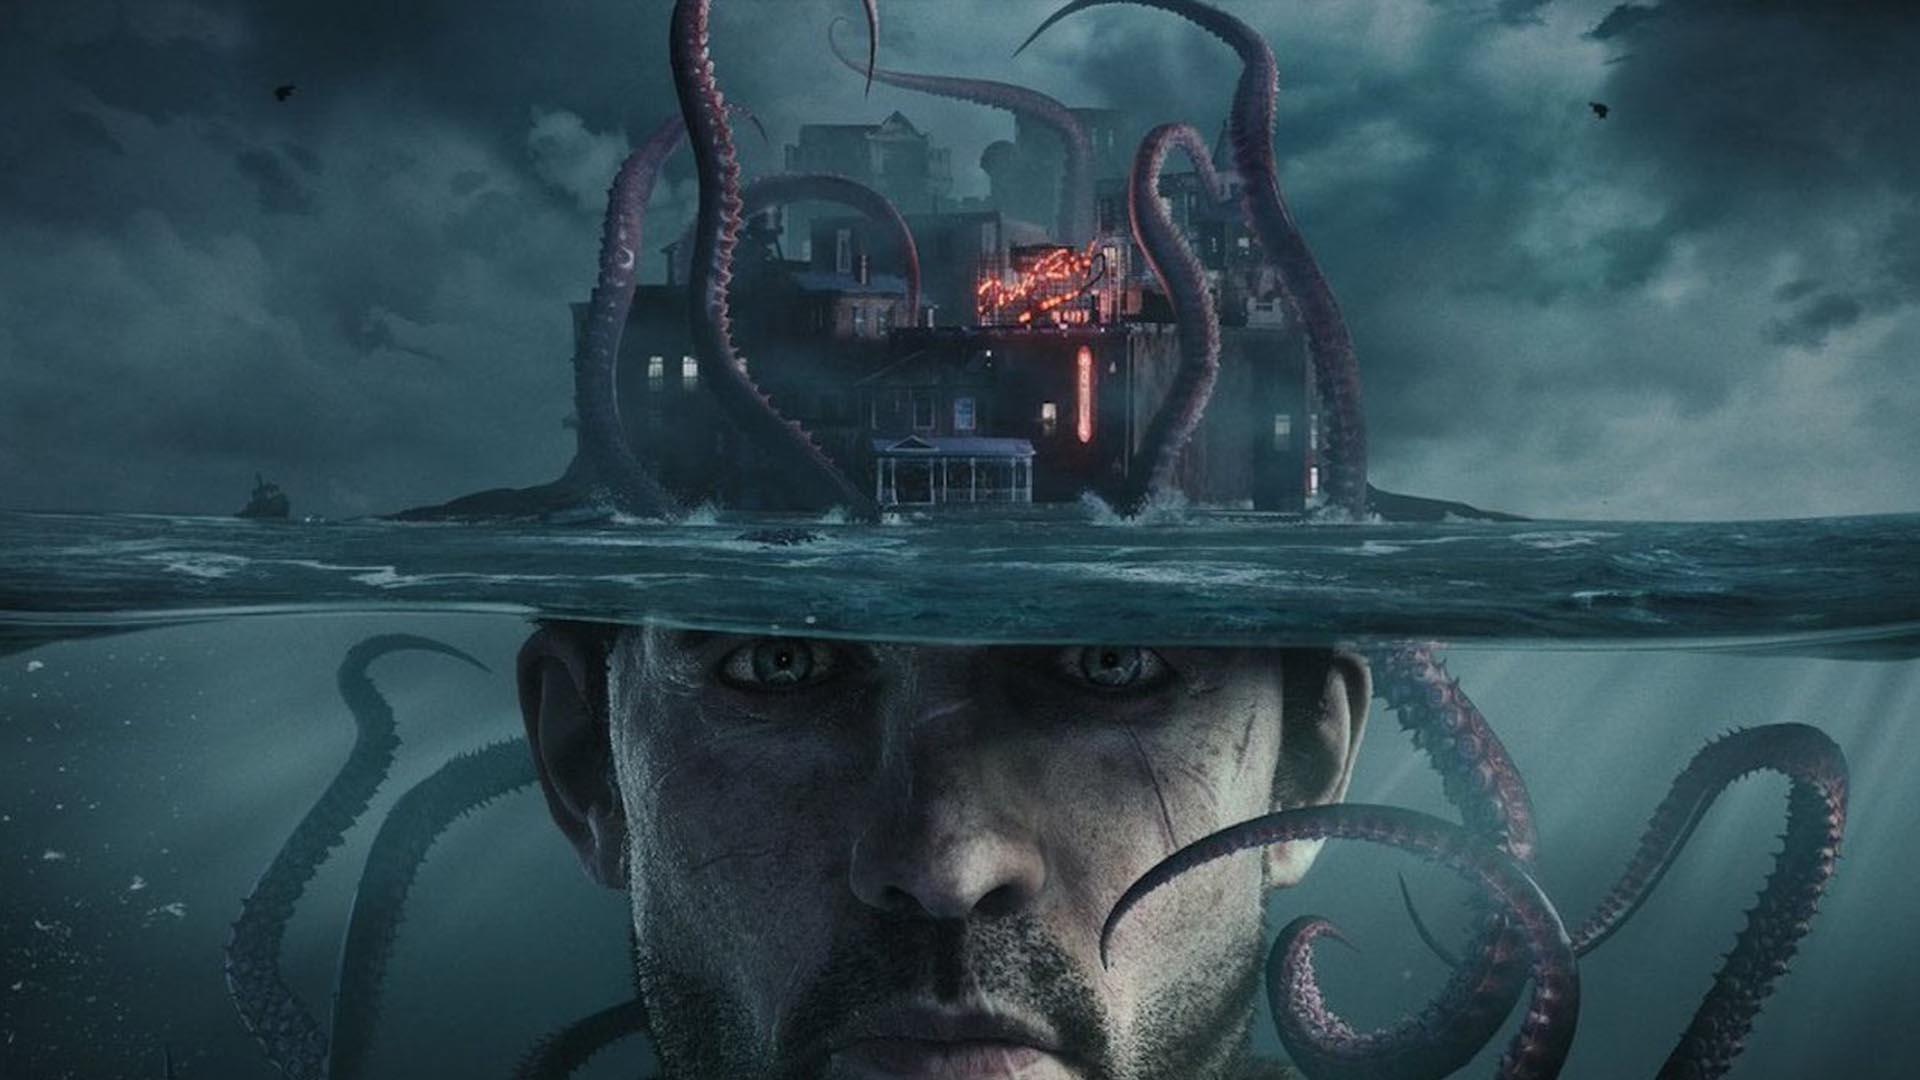 《沉没之城》IGN 评测 7.8 分:凝视深渊,坠入癫狂